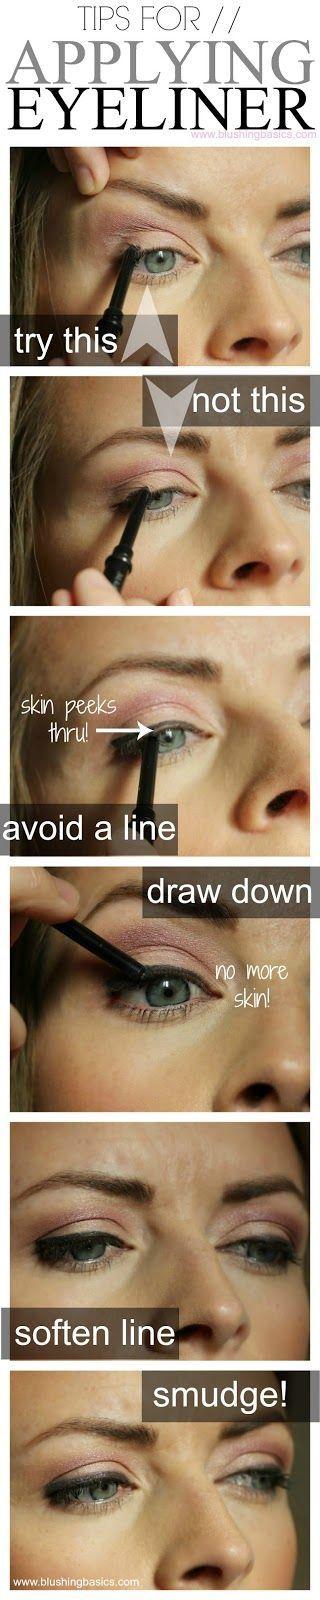 Trucos para perfilar el ojo usando lápiz de ojos